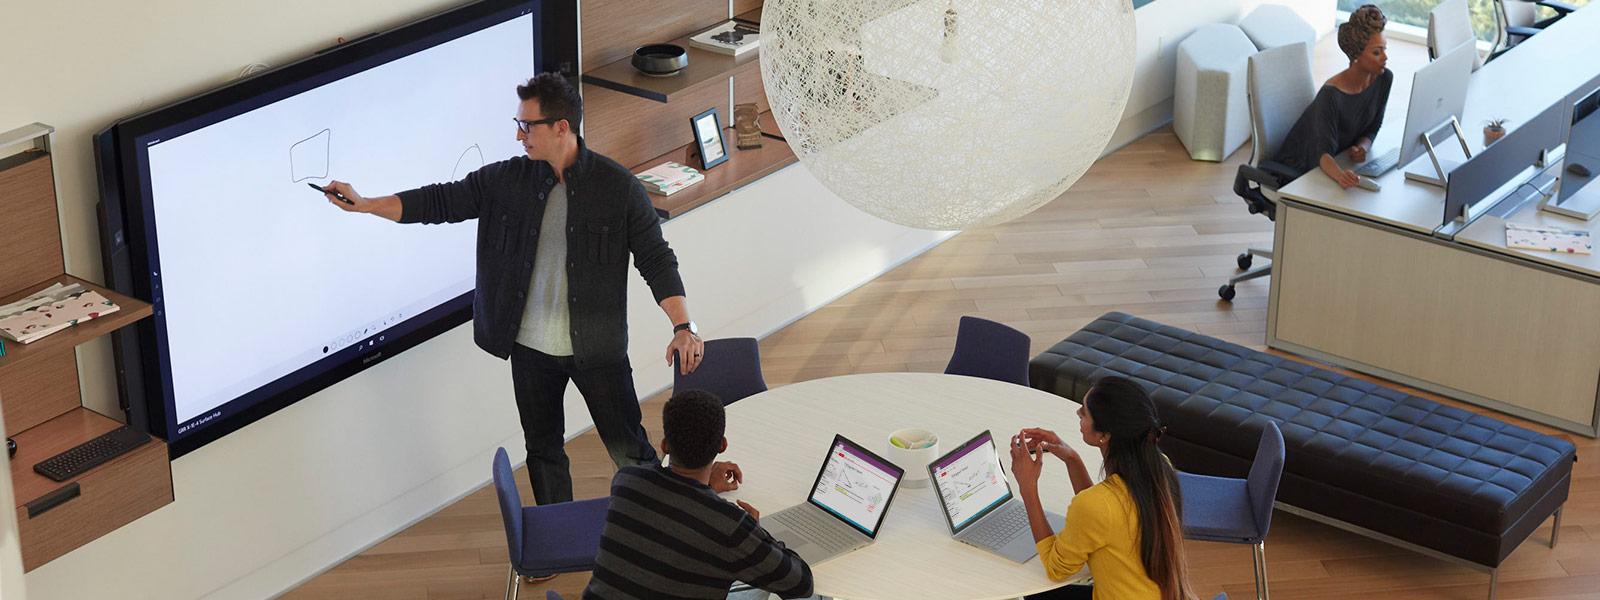 Professeur donnant une présentation sur le Surface Hub alors que les étudiants sont assis à table, tapant du texte sur des Surface Book.